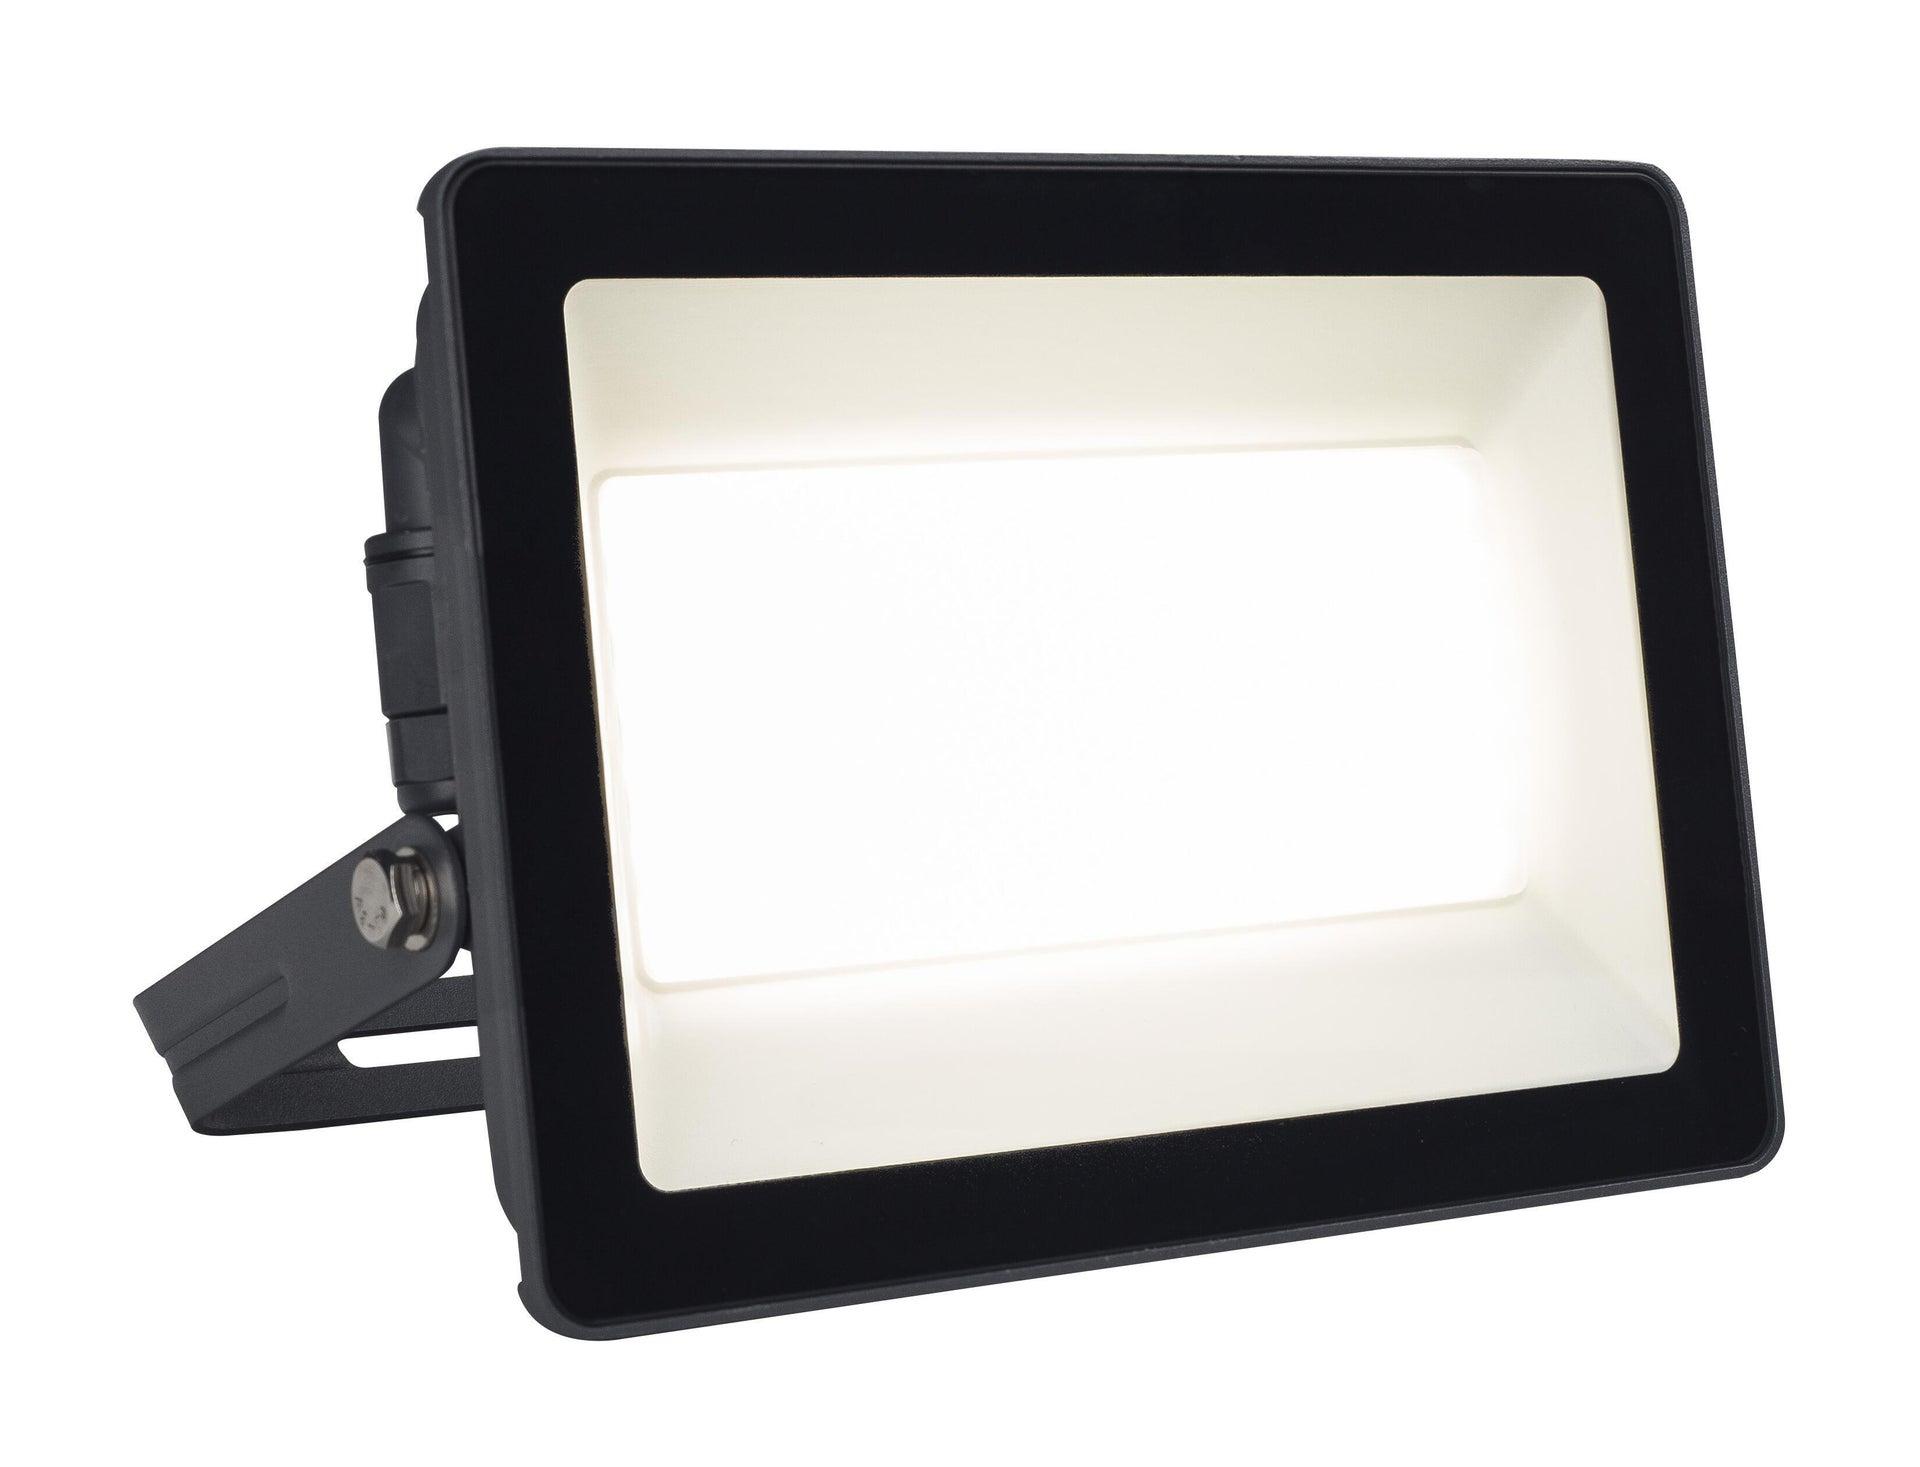 Proiettore LED integrato Yonkers in alluminio, antracite, 100W 6500LM IP65 INSPIRE - 9